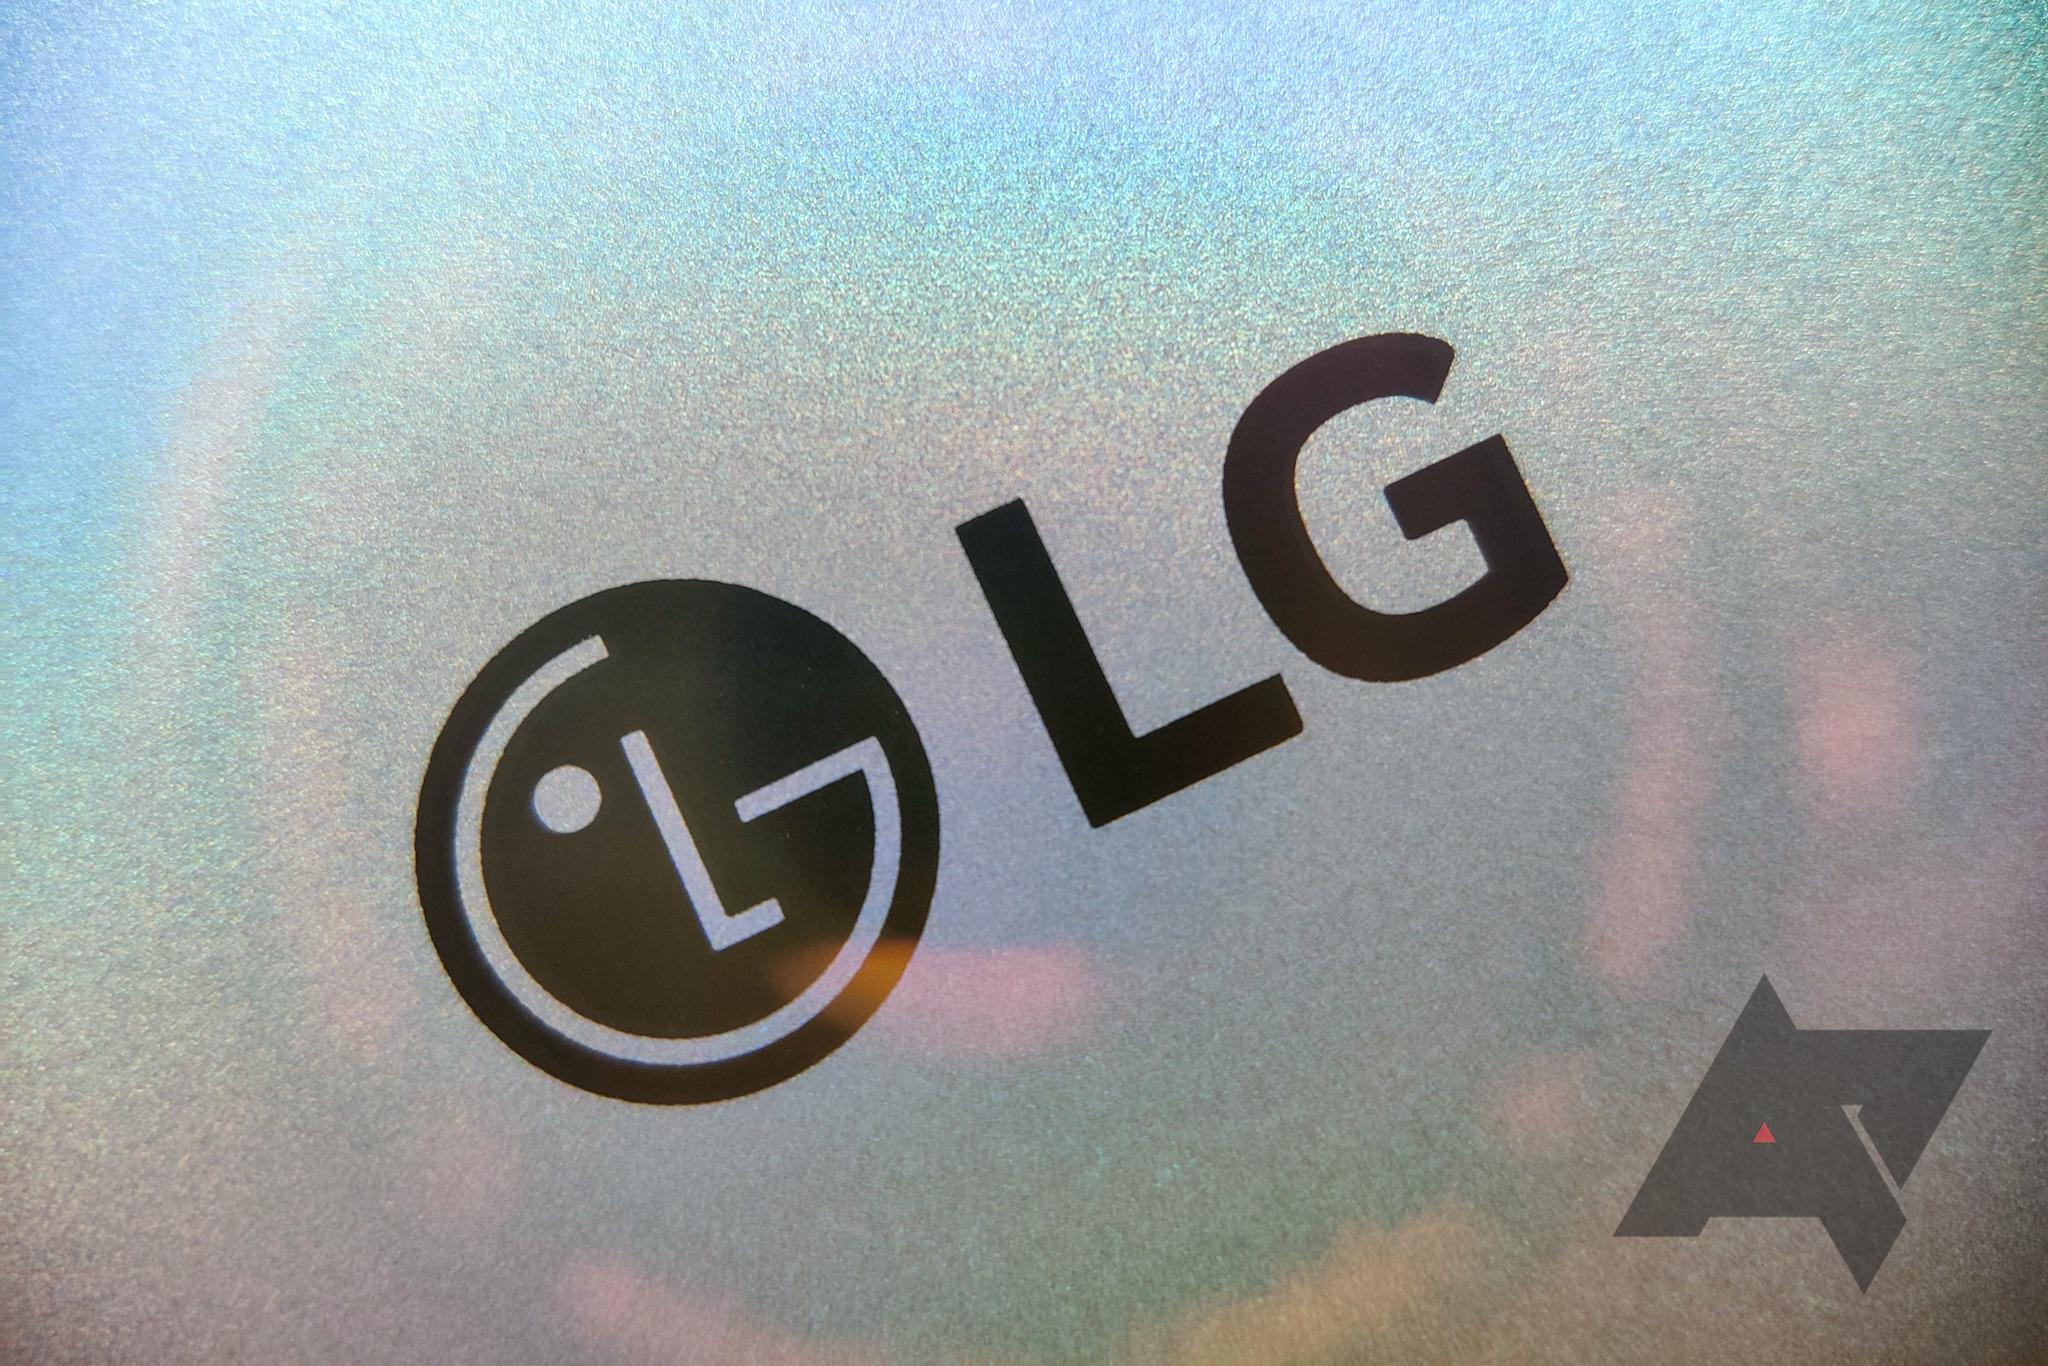 LG реструктурирует бизнес по производству смартфонов